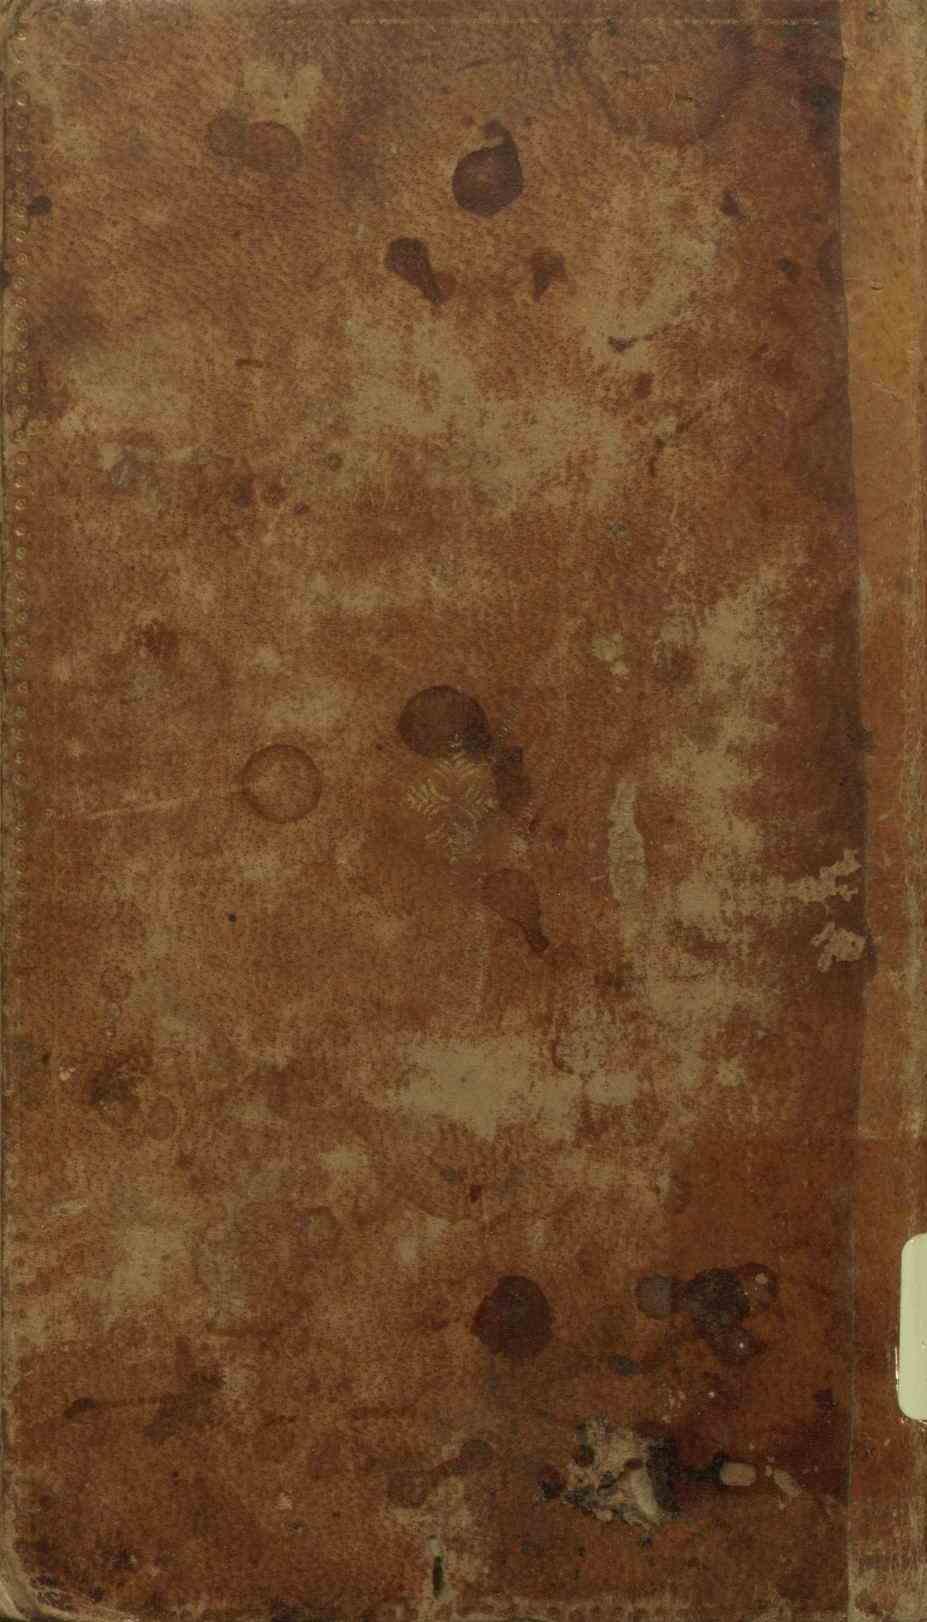 ذريعه الابتهال = ادعيه القنوت و السجود (از: احمد بن محمدمحسن (قرن 11 - 12ق))